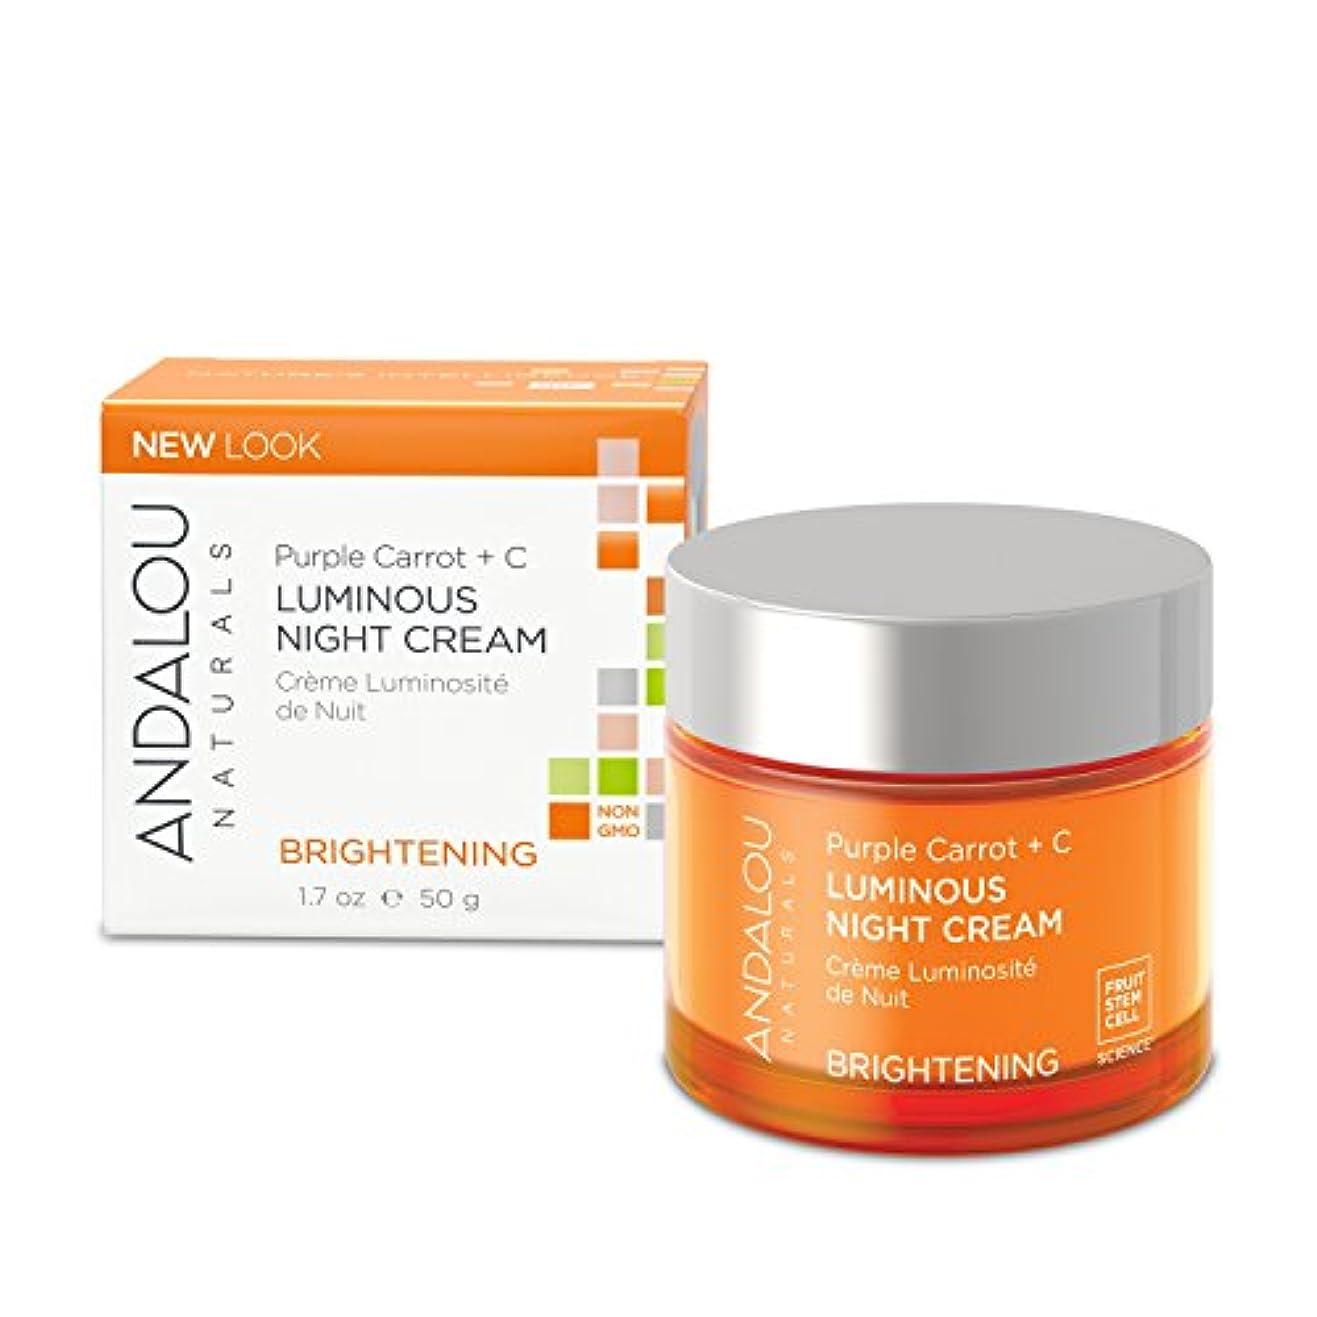 不器用柔和薄いですオーガニック ボタニカル クリーム ナイトクリーム 美容クリーム ナチュラル フルーツ幹細胞 「 PC+C ルミナスナイトクリーム 」 ANDALOU naturals アンダルー ナチュラルズ